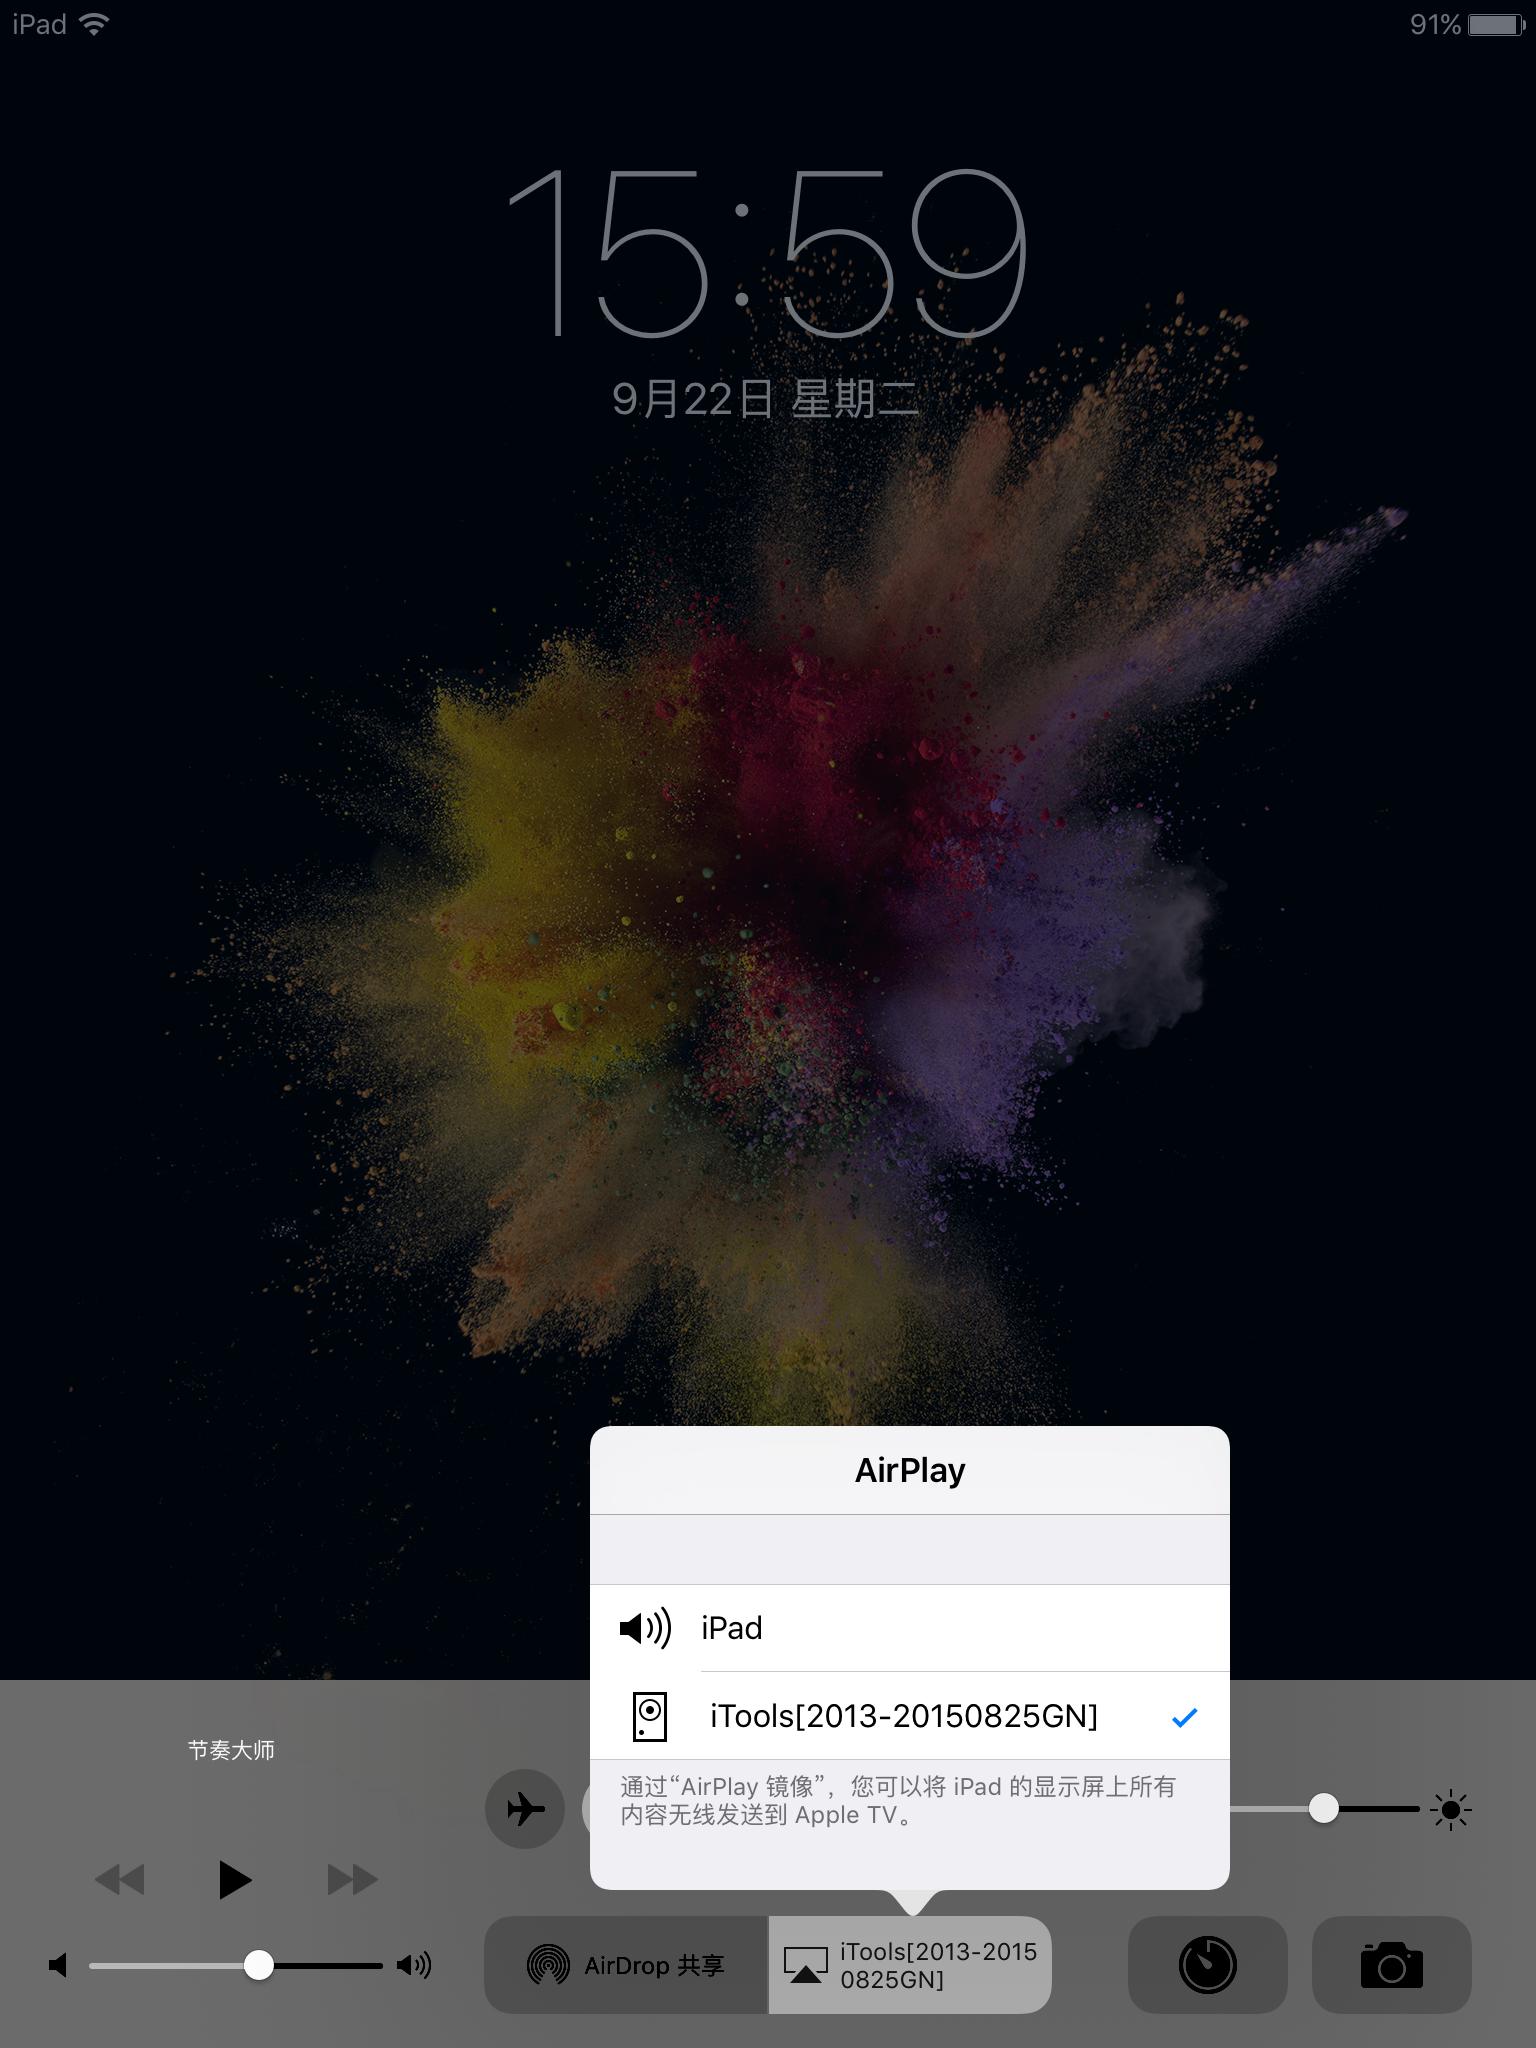 我的ipad用itools的屏幕录像时,airplay中的镜像按钮找不到_百度知道